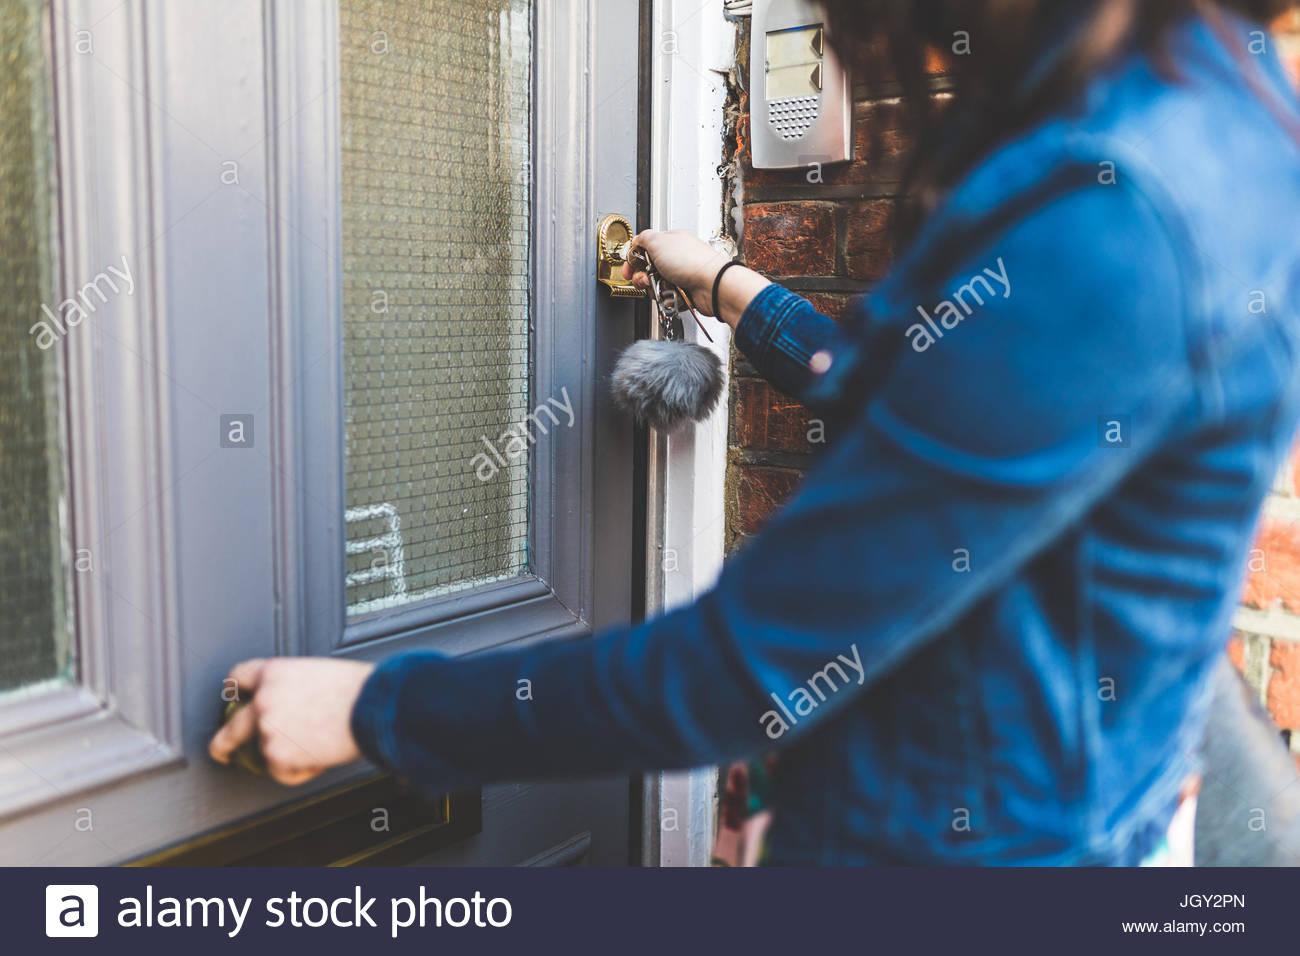 Jeune femme laissant house, verrouillage porte avant, mid section Photo Stock